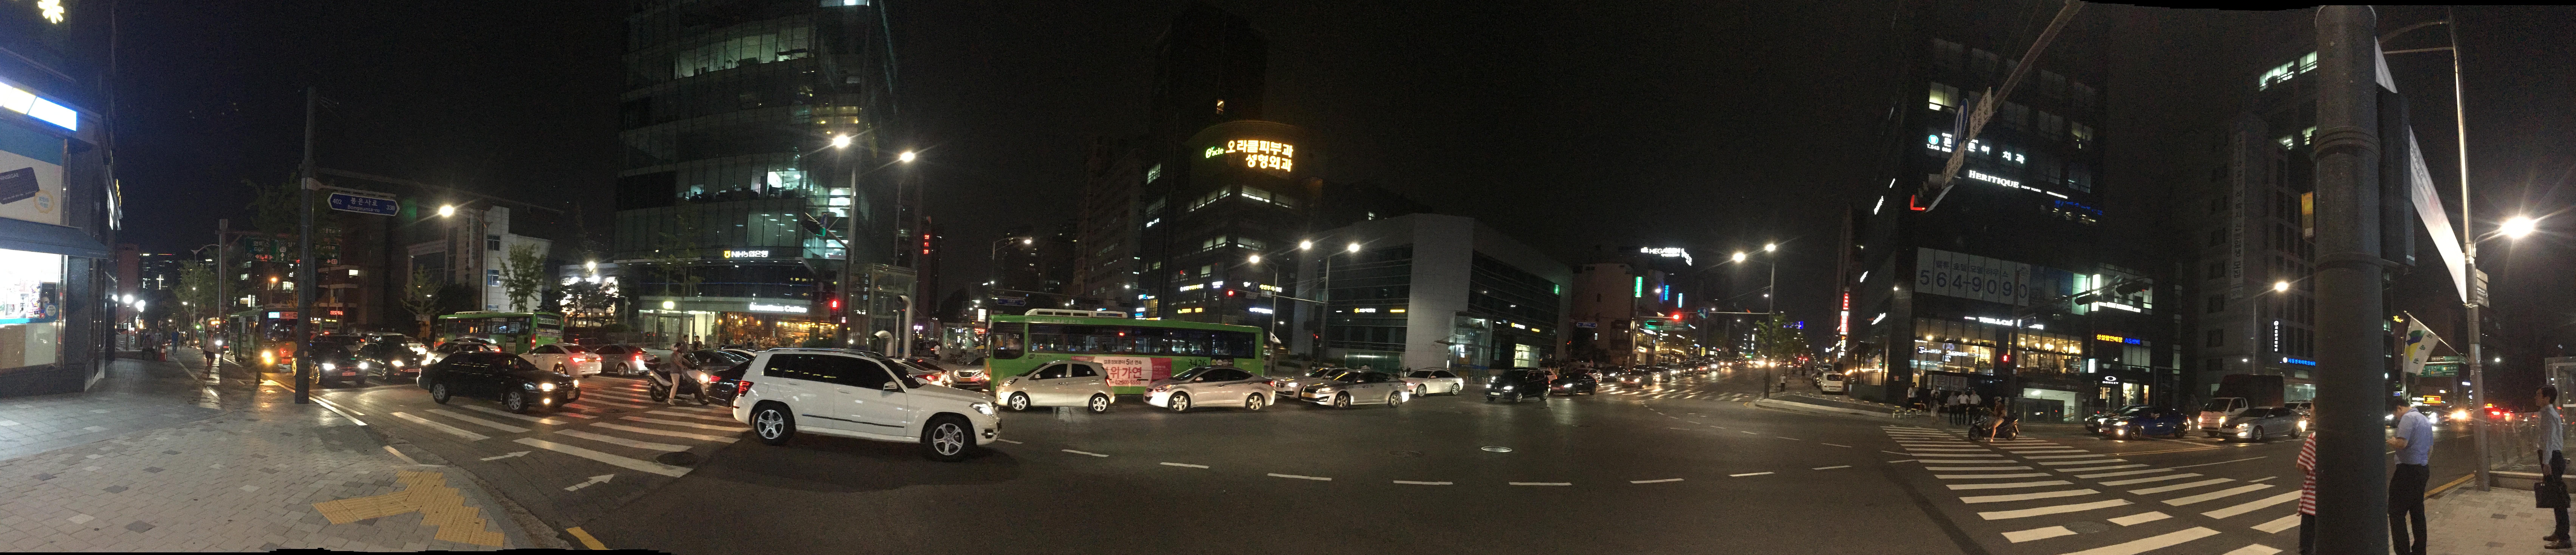 韓国 ソウルの建築・インテリアデザイン